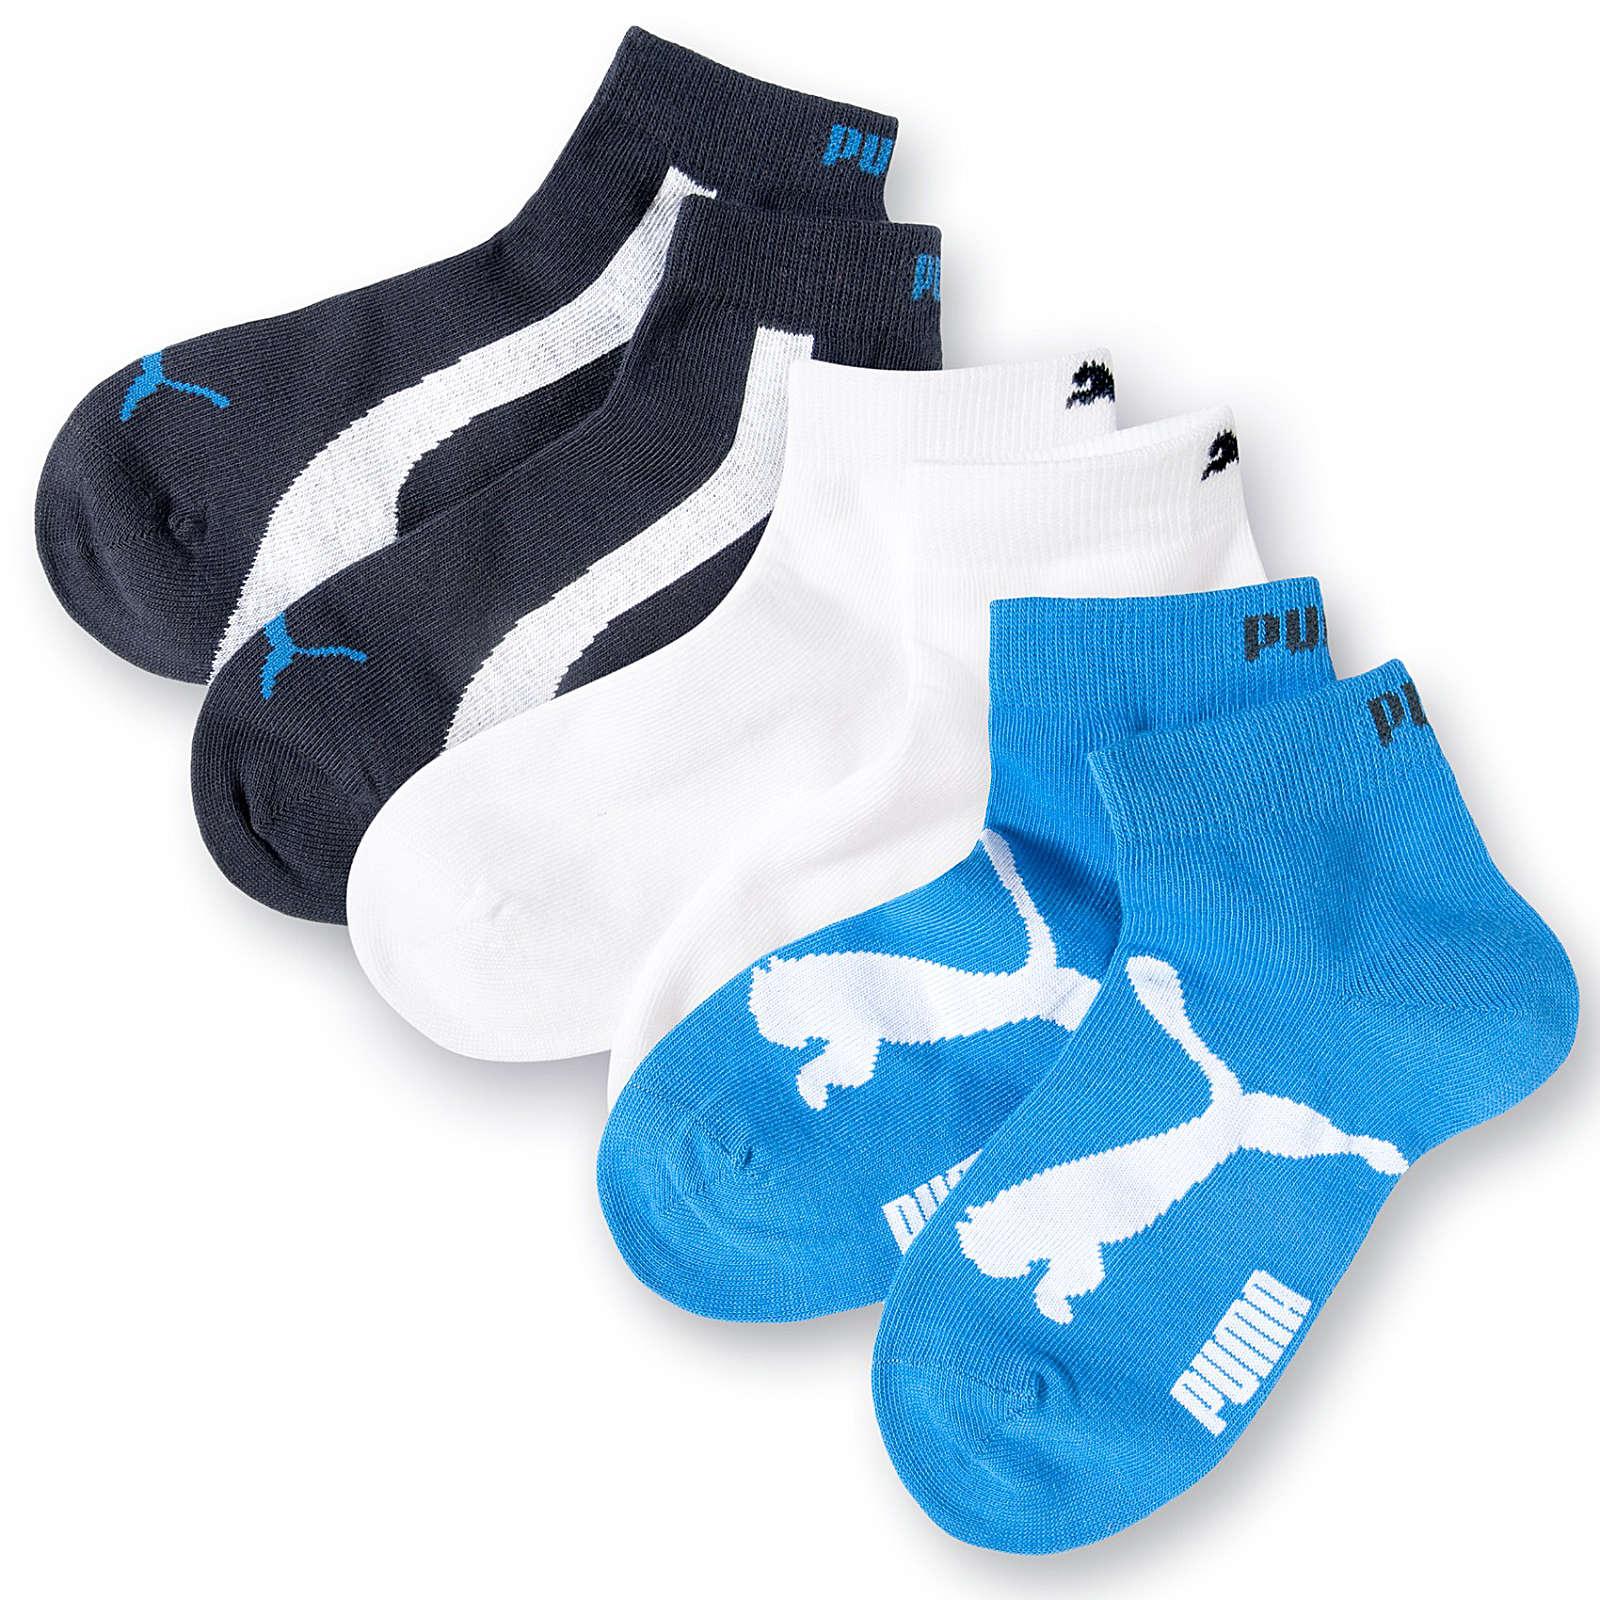 PUMA Kinder Sneaker Strümpfe 3er-Pack blau/weiß Junge Gr. 27-30